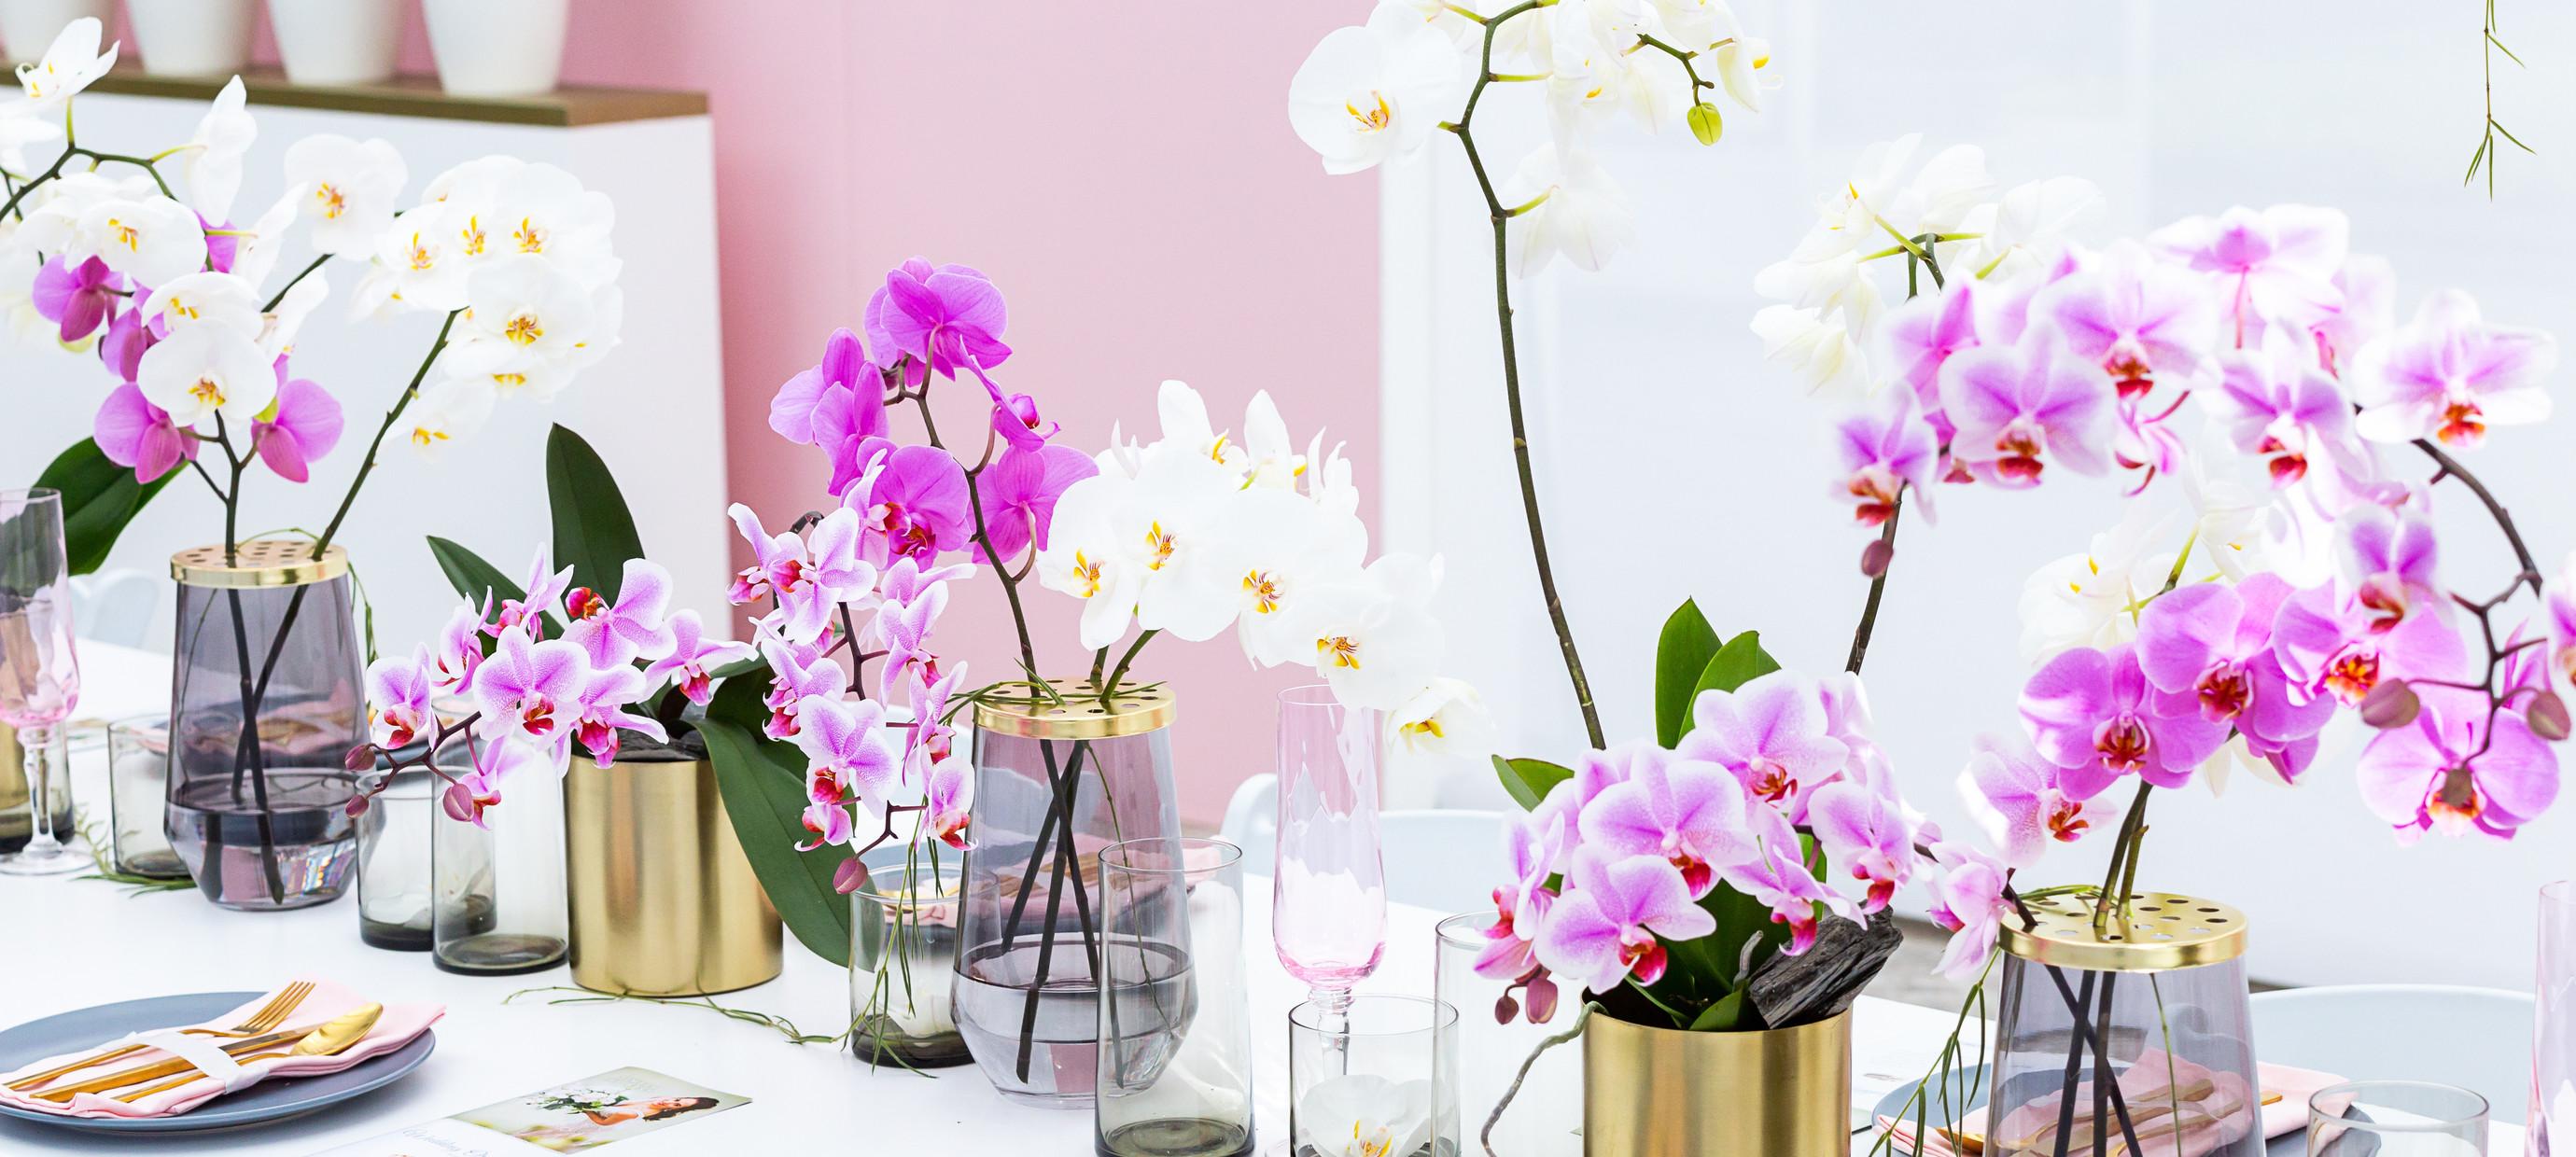 Kwaliteitsorchideeën, hoe herken je ze?